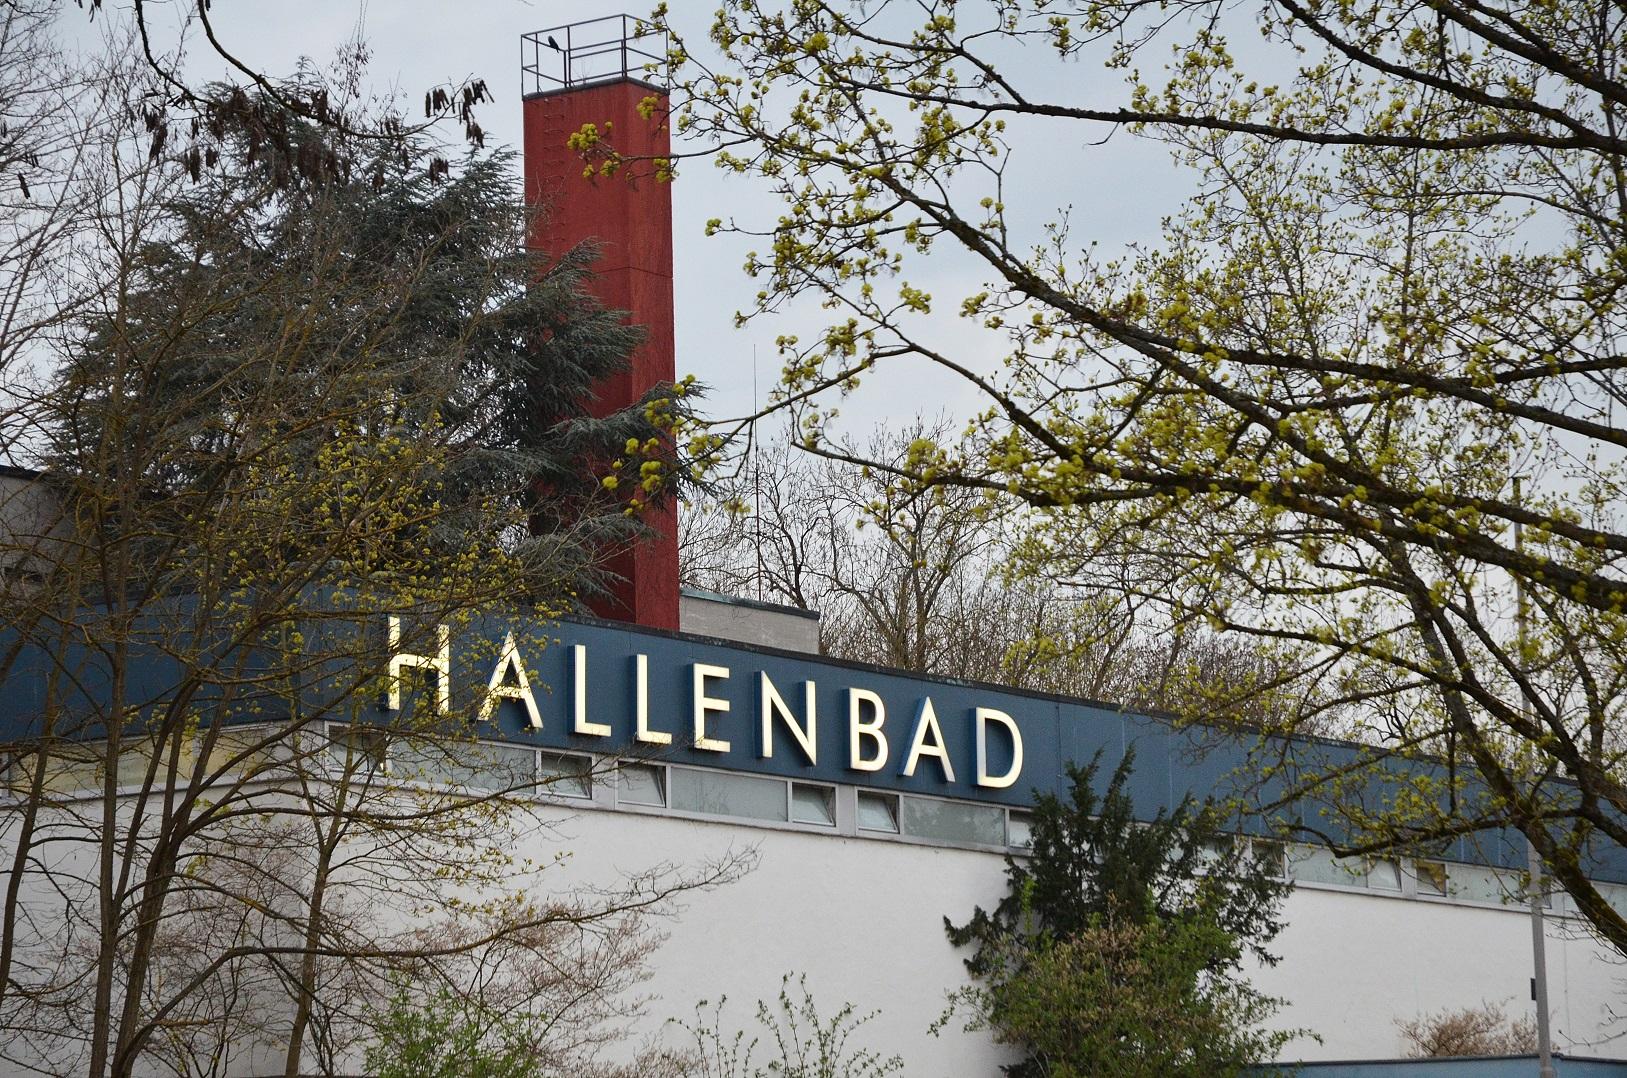 hallenbad in (33)